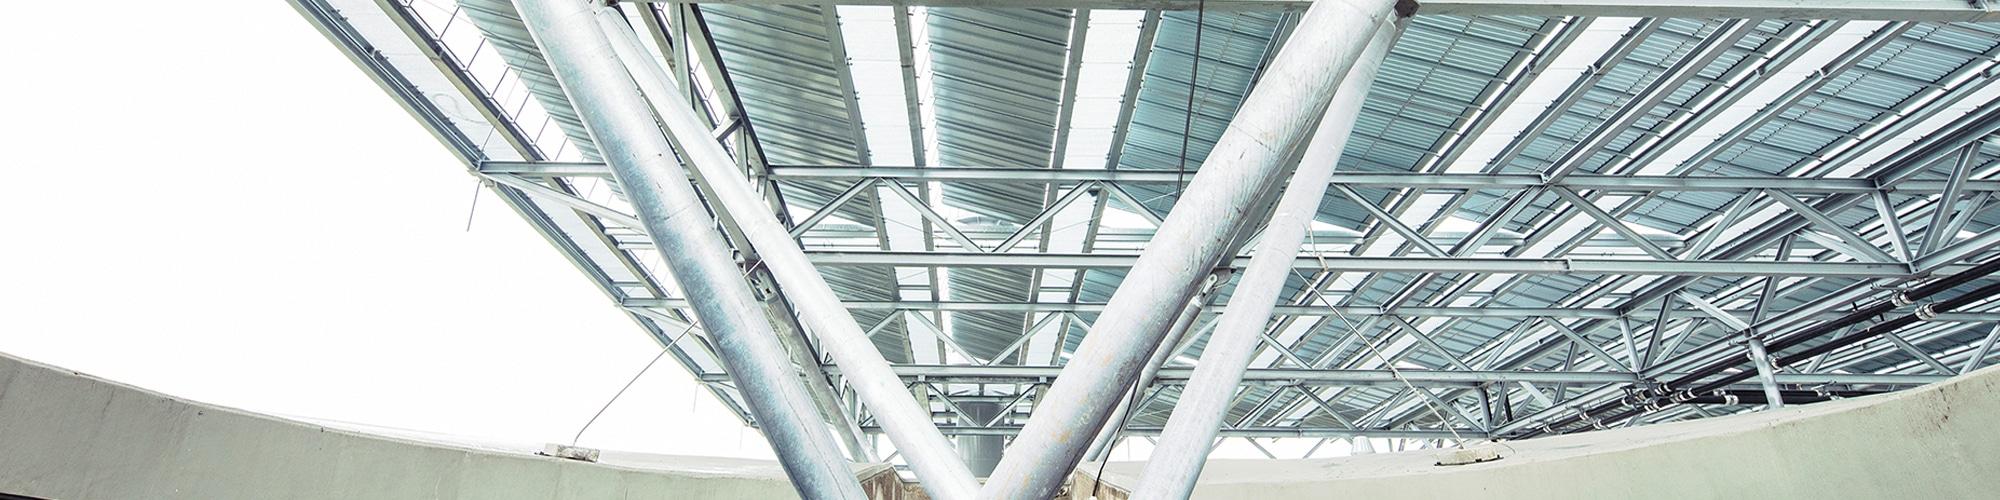 ertragsgarantie für solarwärme